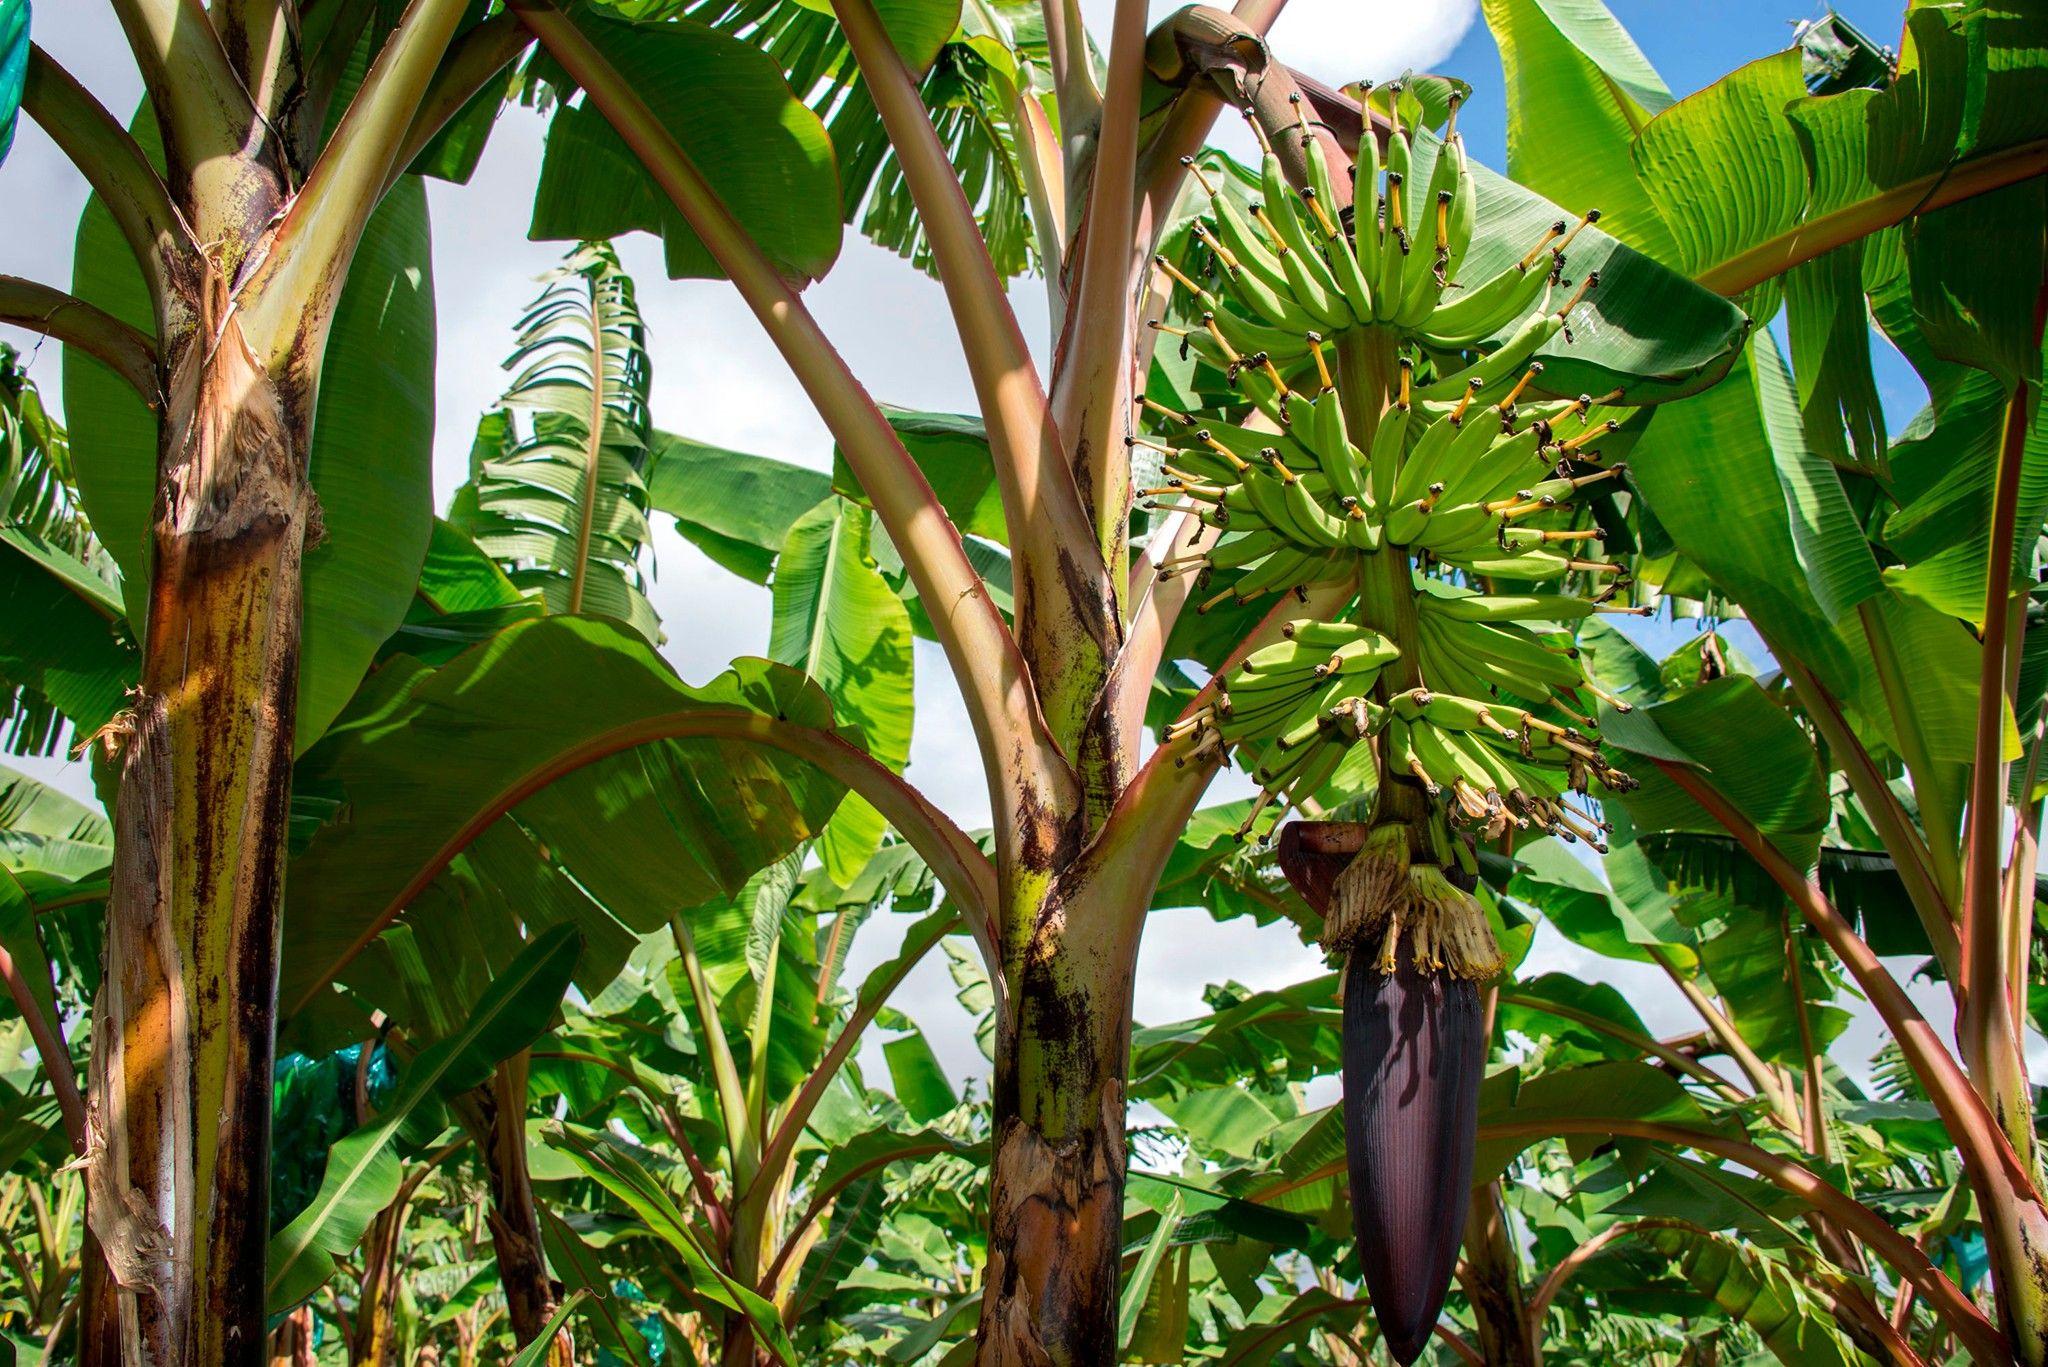 Pilzepidemie: Die Banane droht zu verschwinden | National Geographic